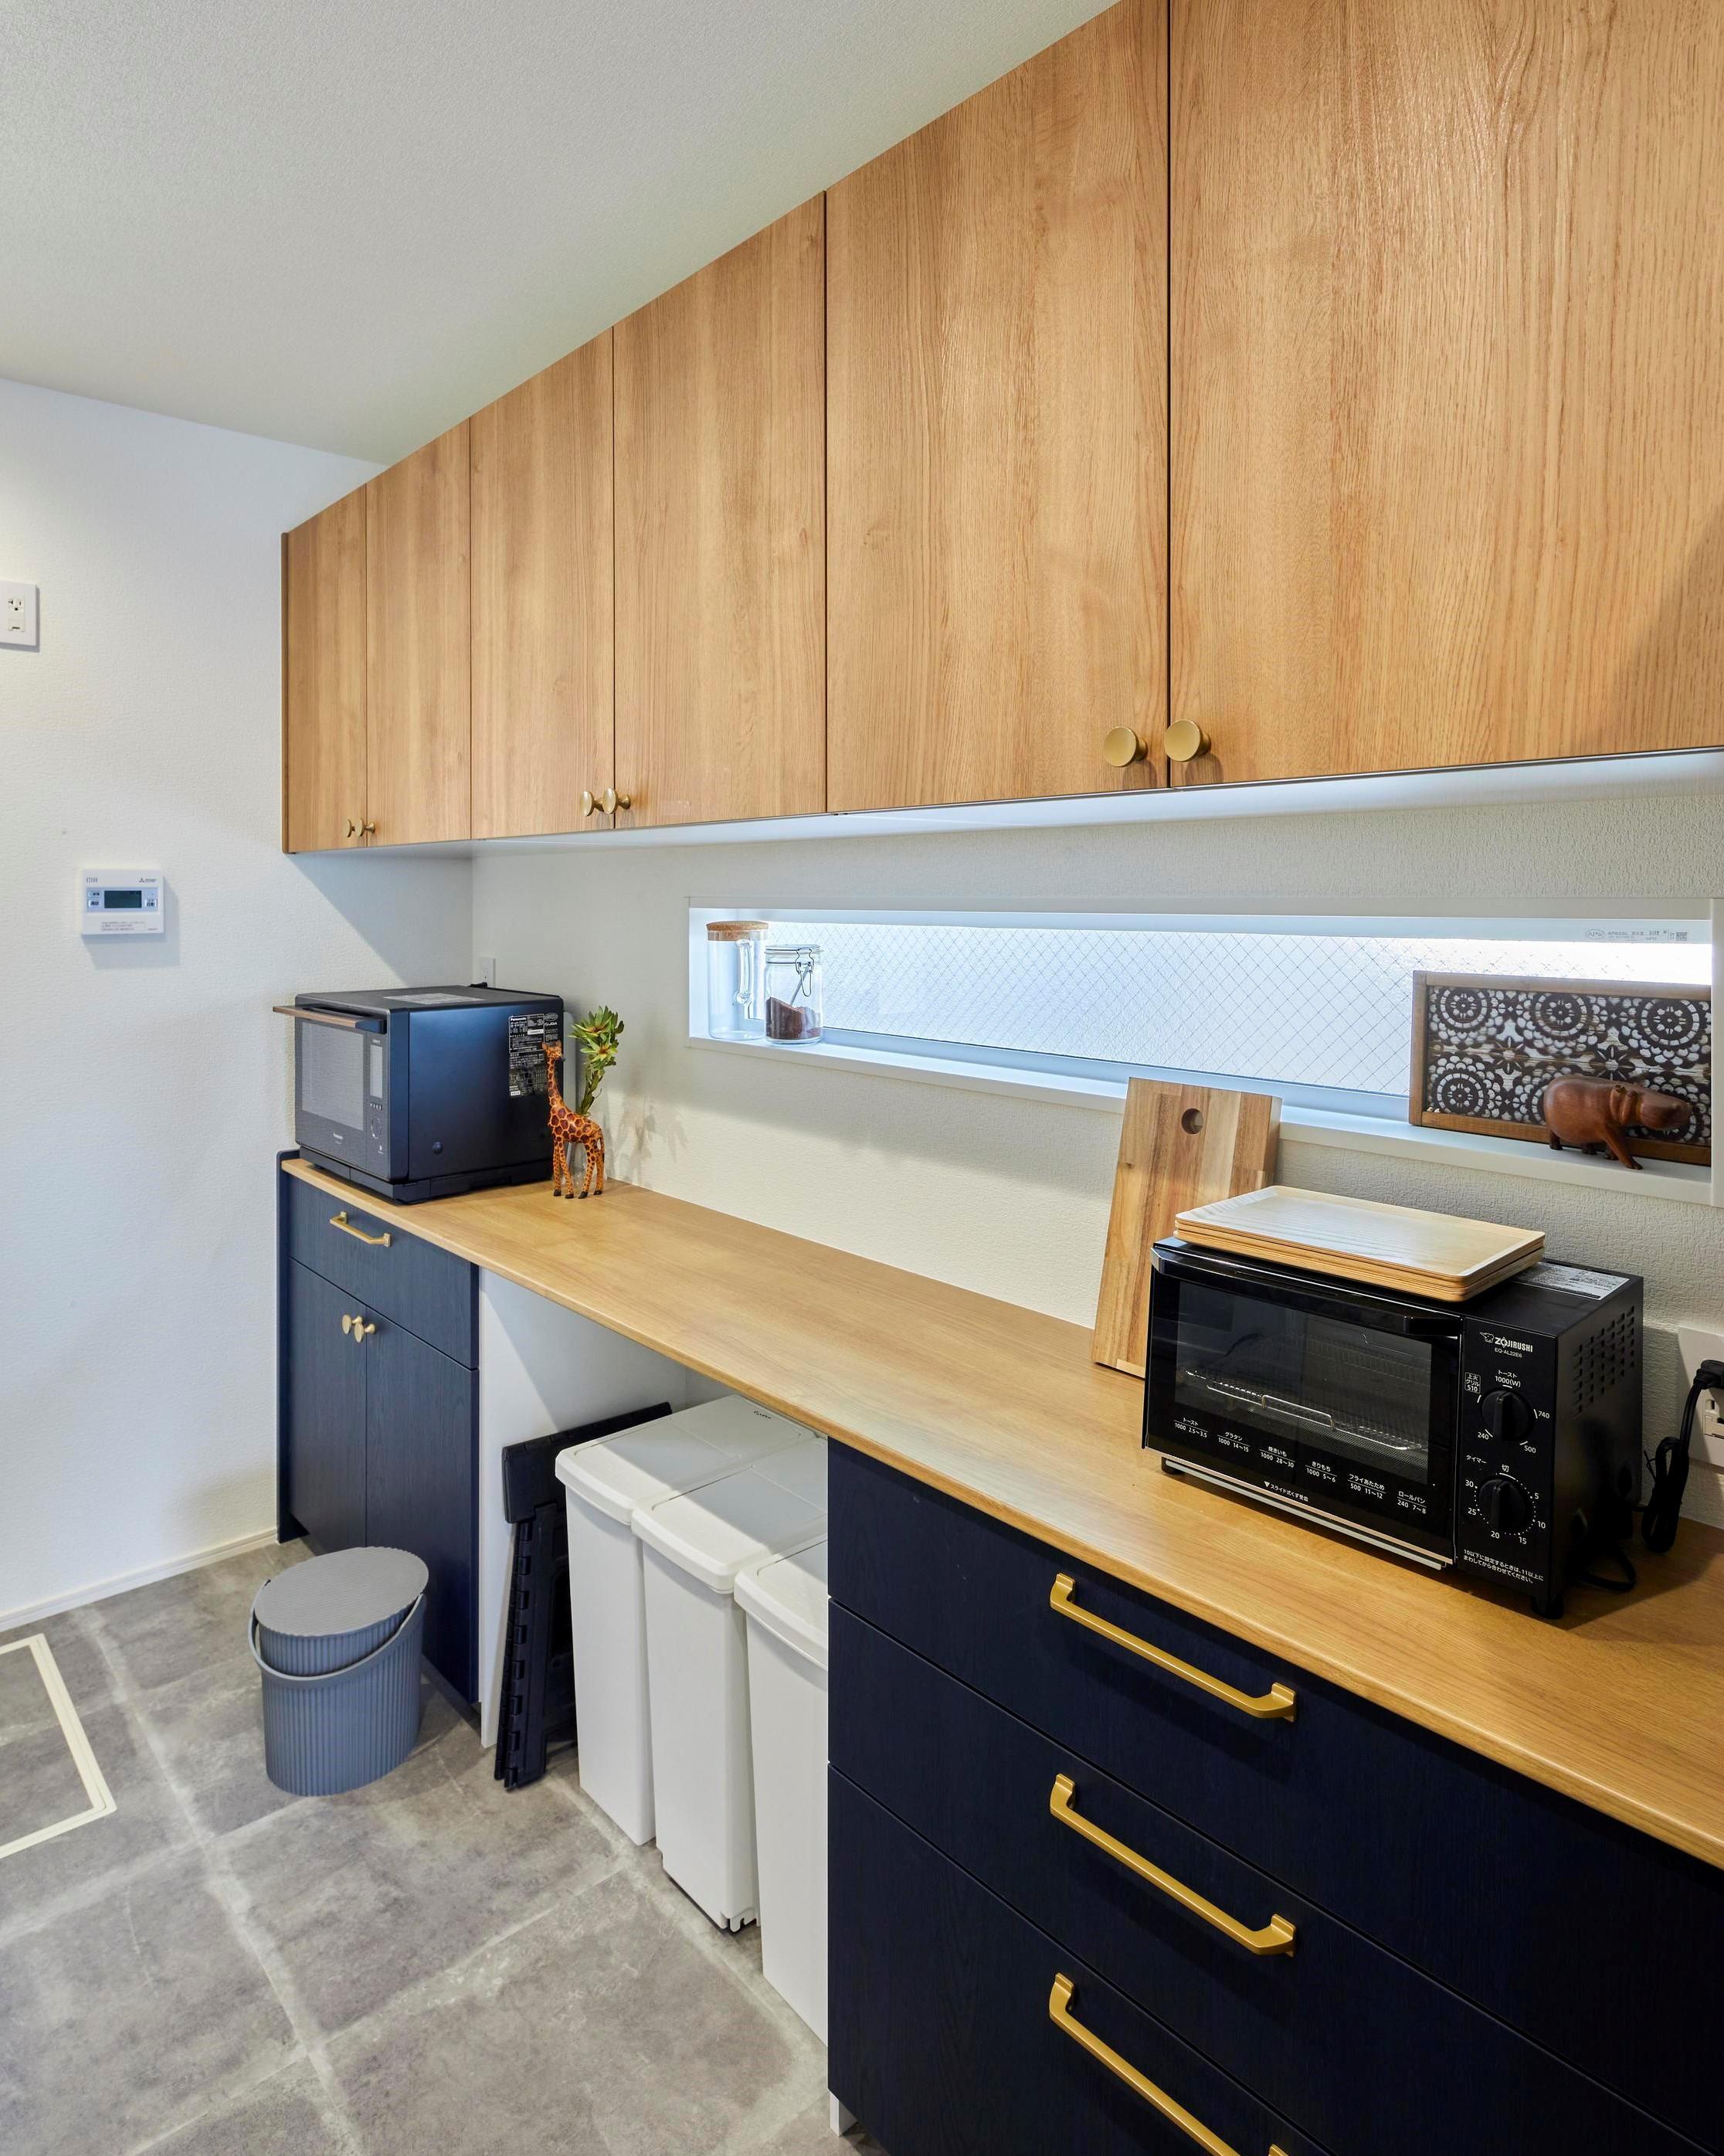 アイランドキッチンの背面には大容量の収納を確保し、大家族でもスッキリ収納できている